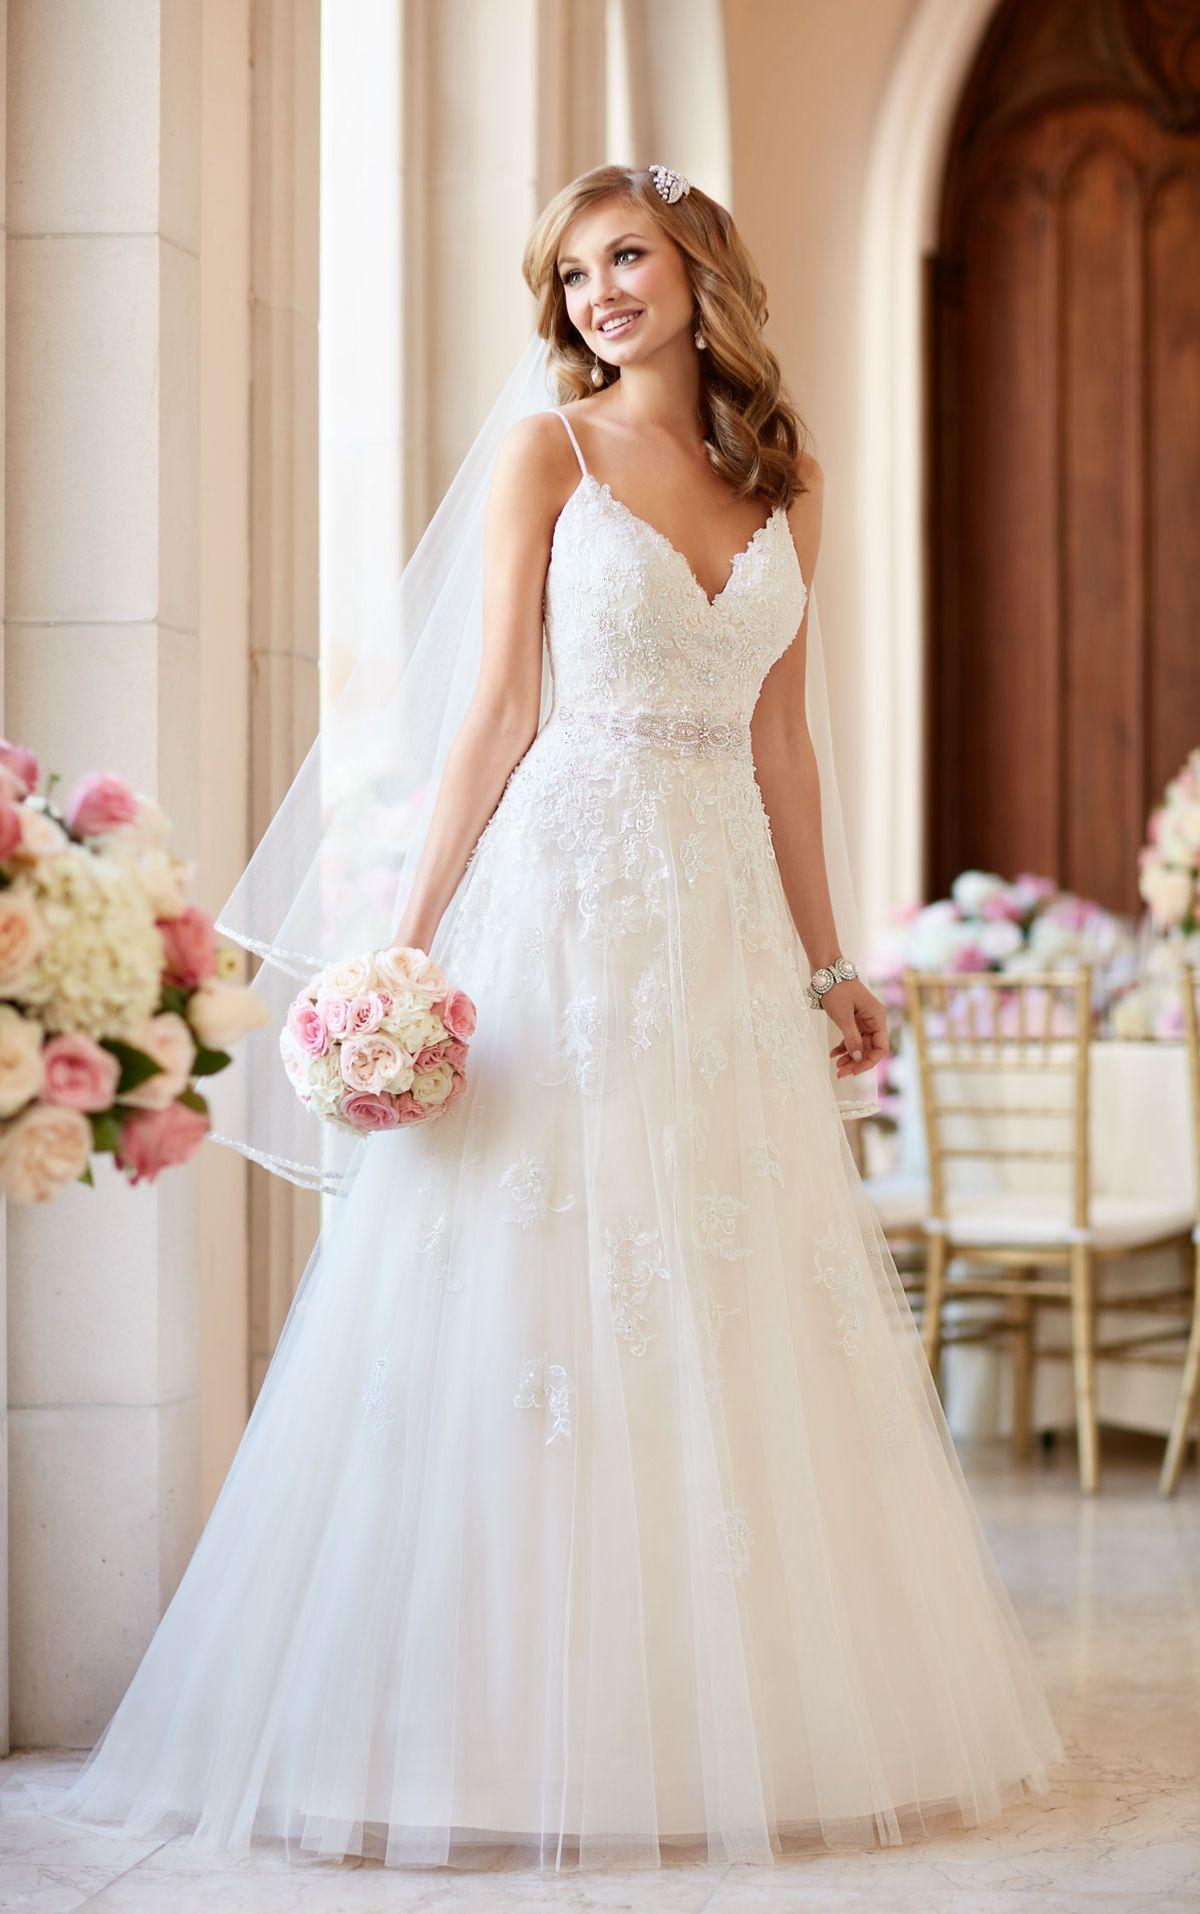 Fein Brautkleid Colorado Springs Bilder - Brautkleider Ideen ...